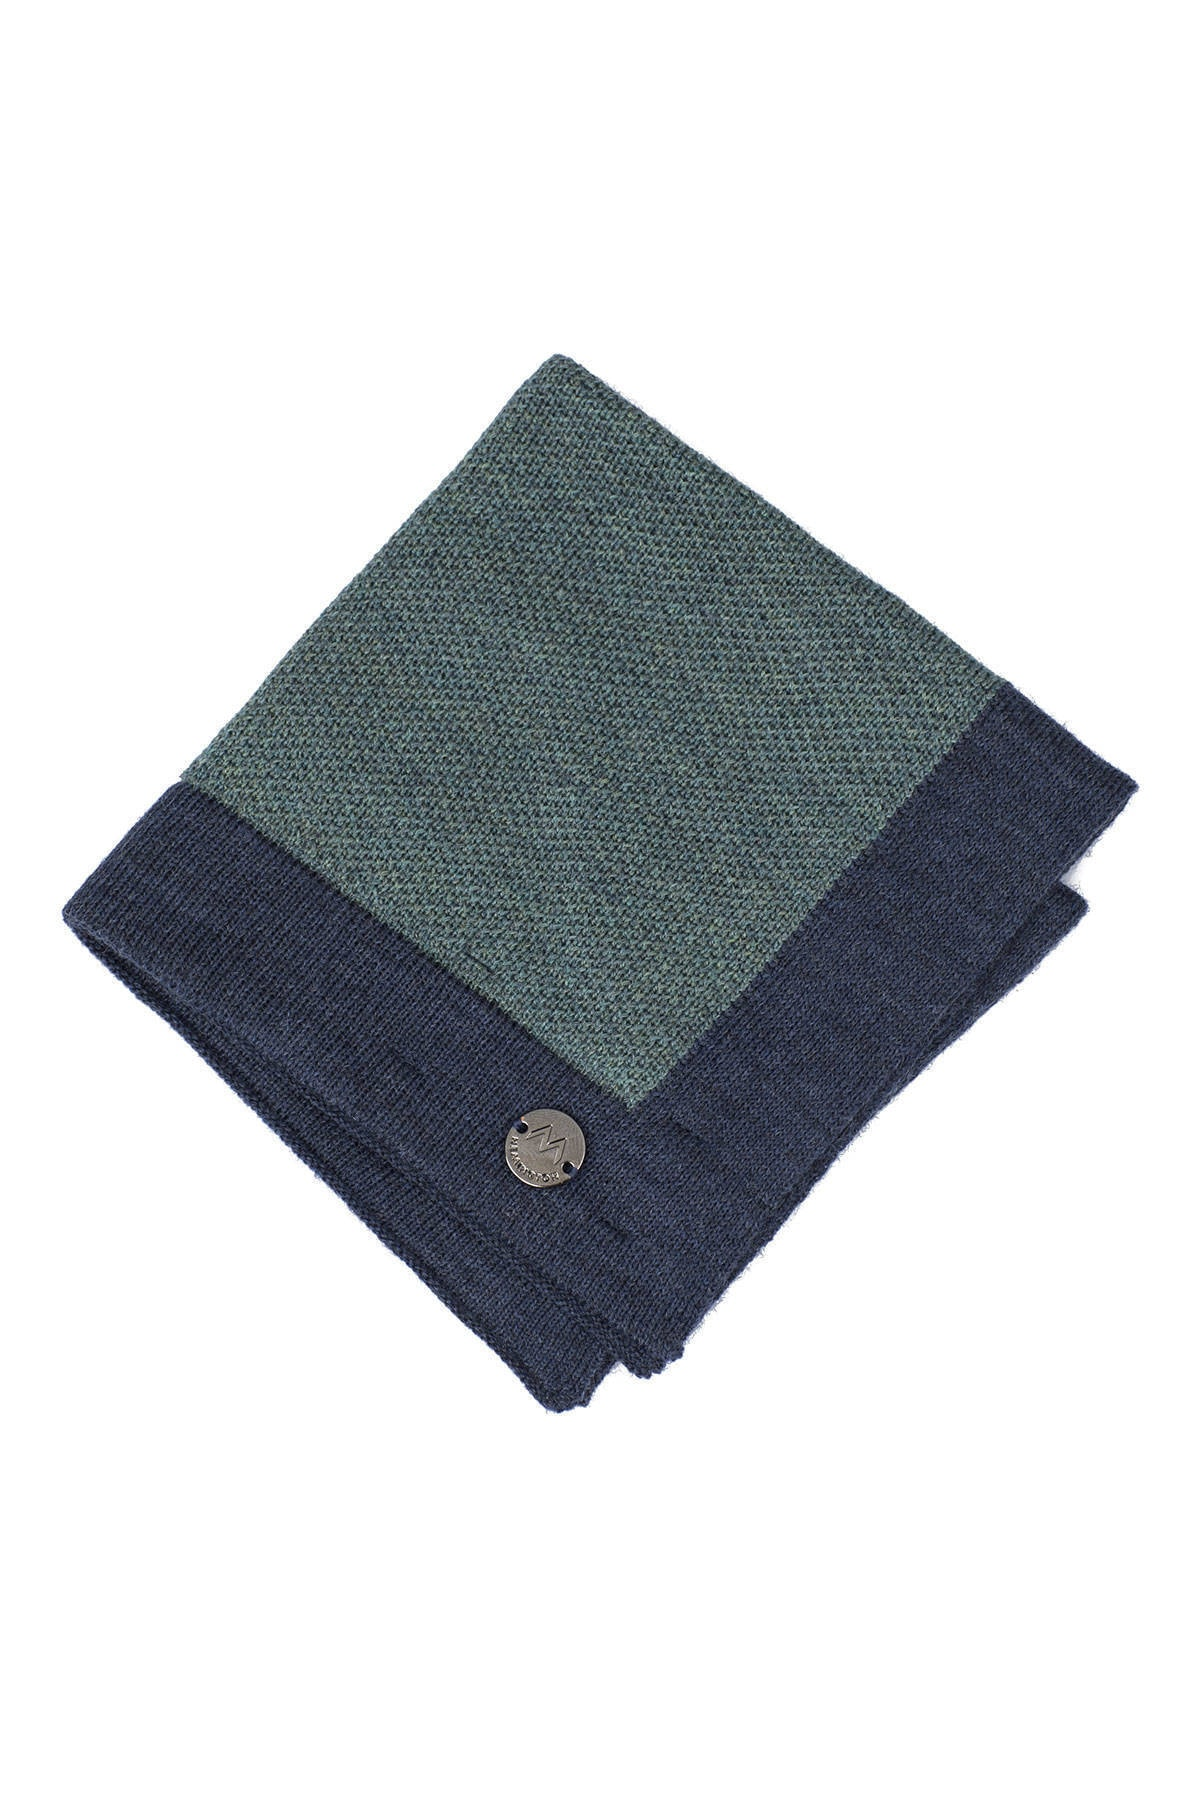 Hemington Yeşil Açık Yeşil Örgü Ceket Mendili 2